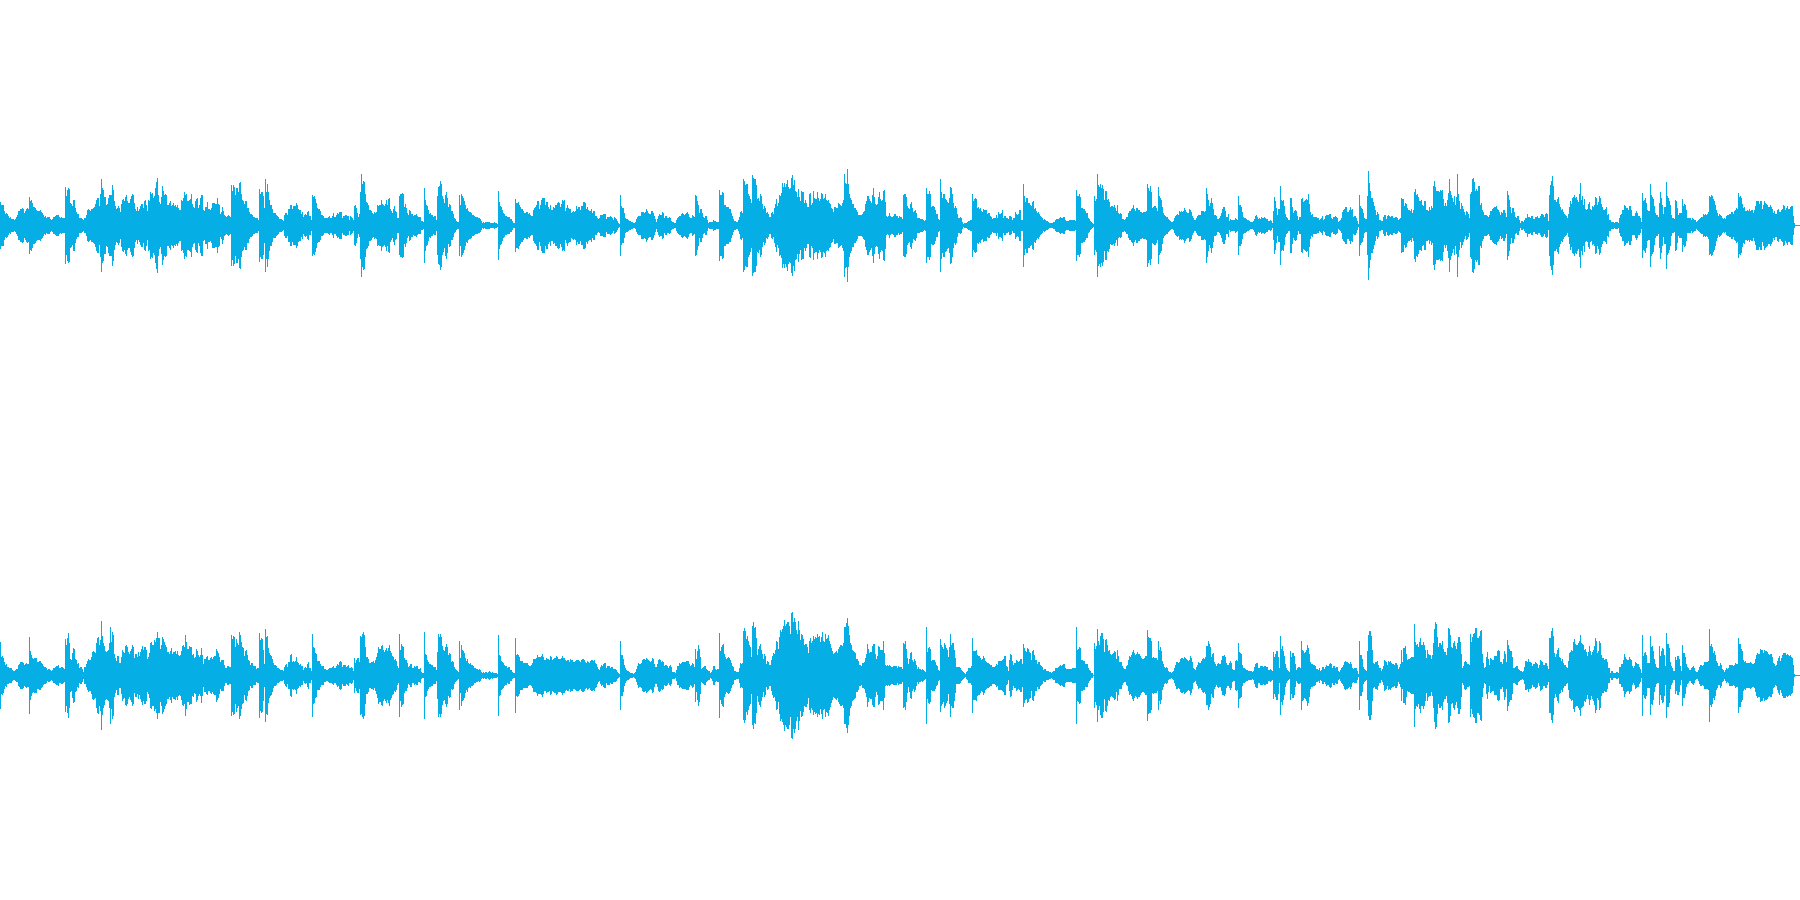 クリスタルボウル 瞑想 スピリチュアルの再生済みの波形